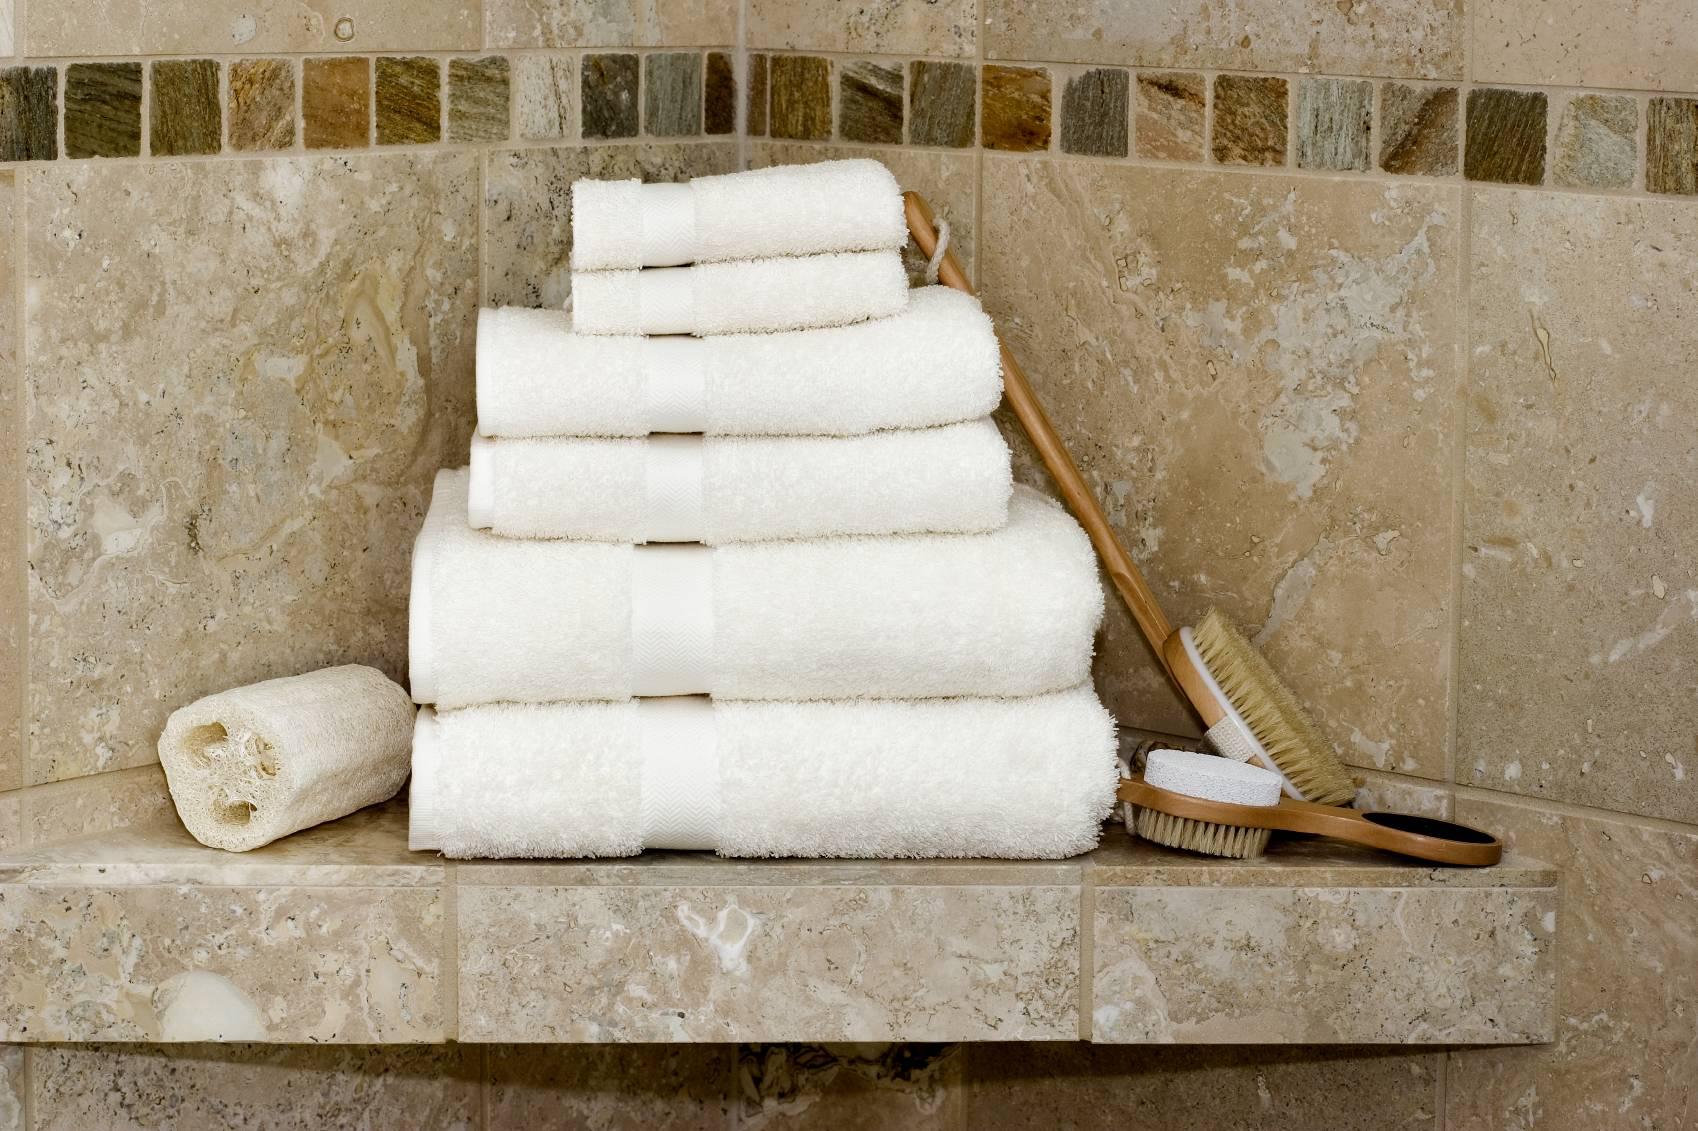 comment entretenir son linge de bain. Black Bedroom Furniture Sets. Home Design Ideas